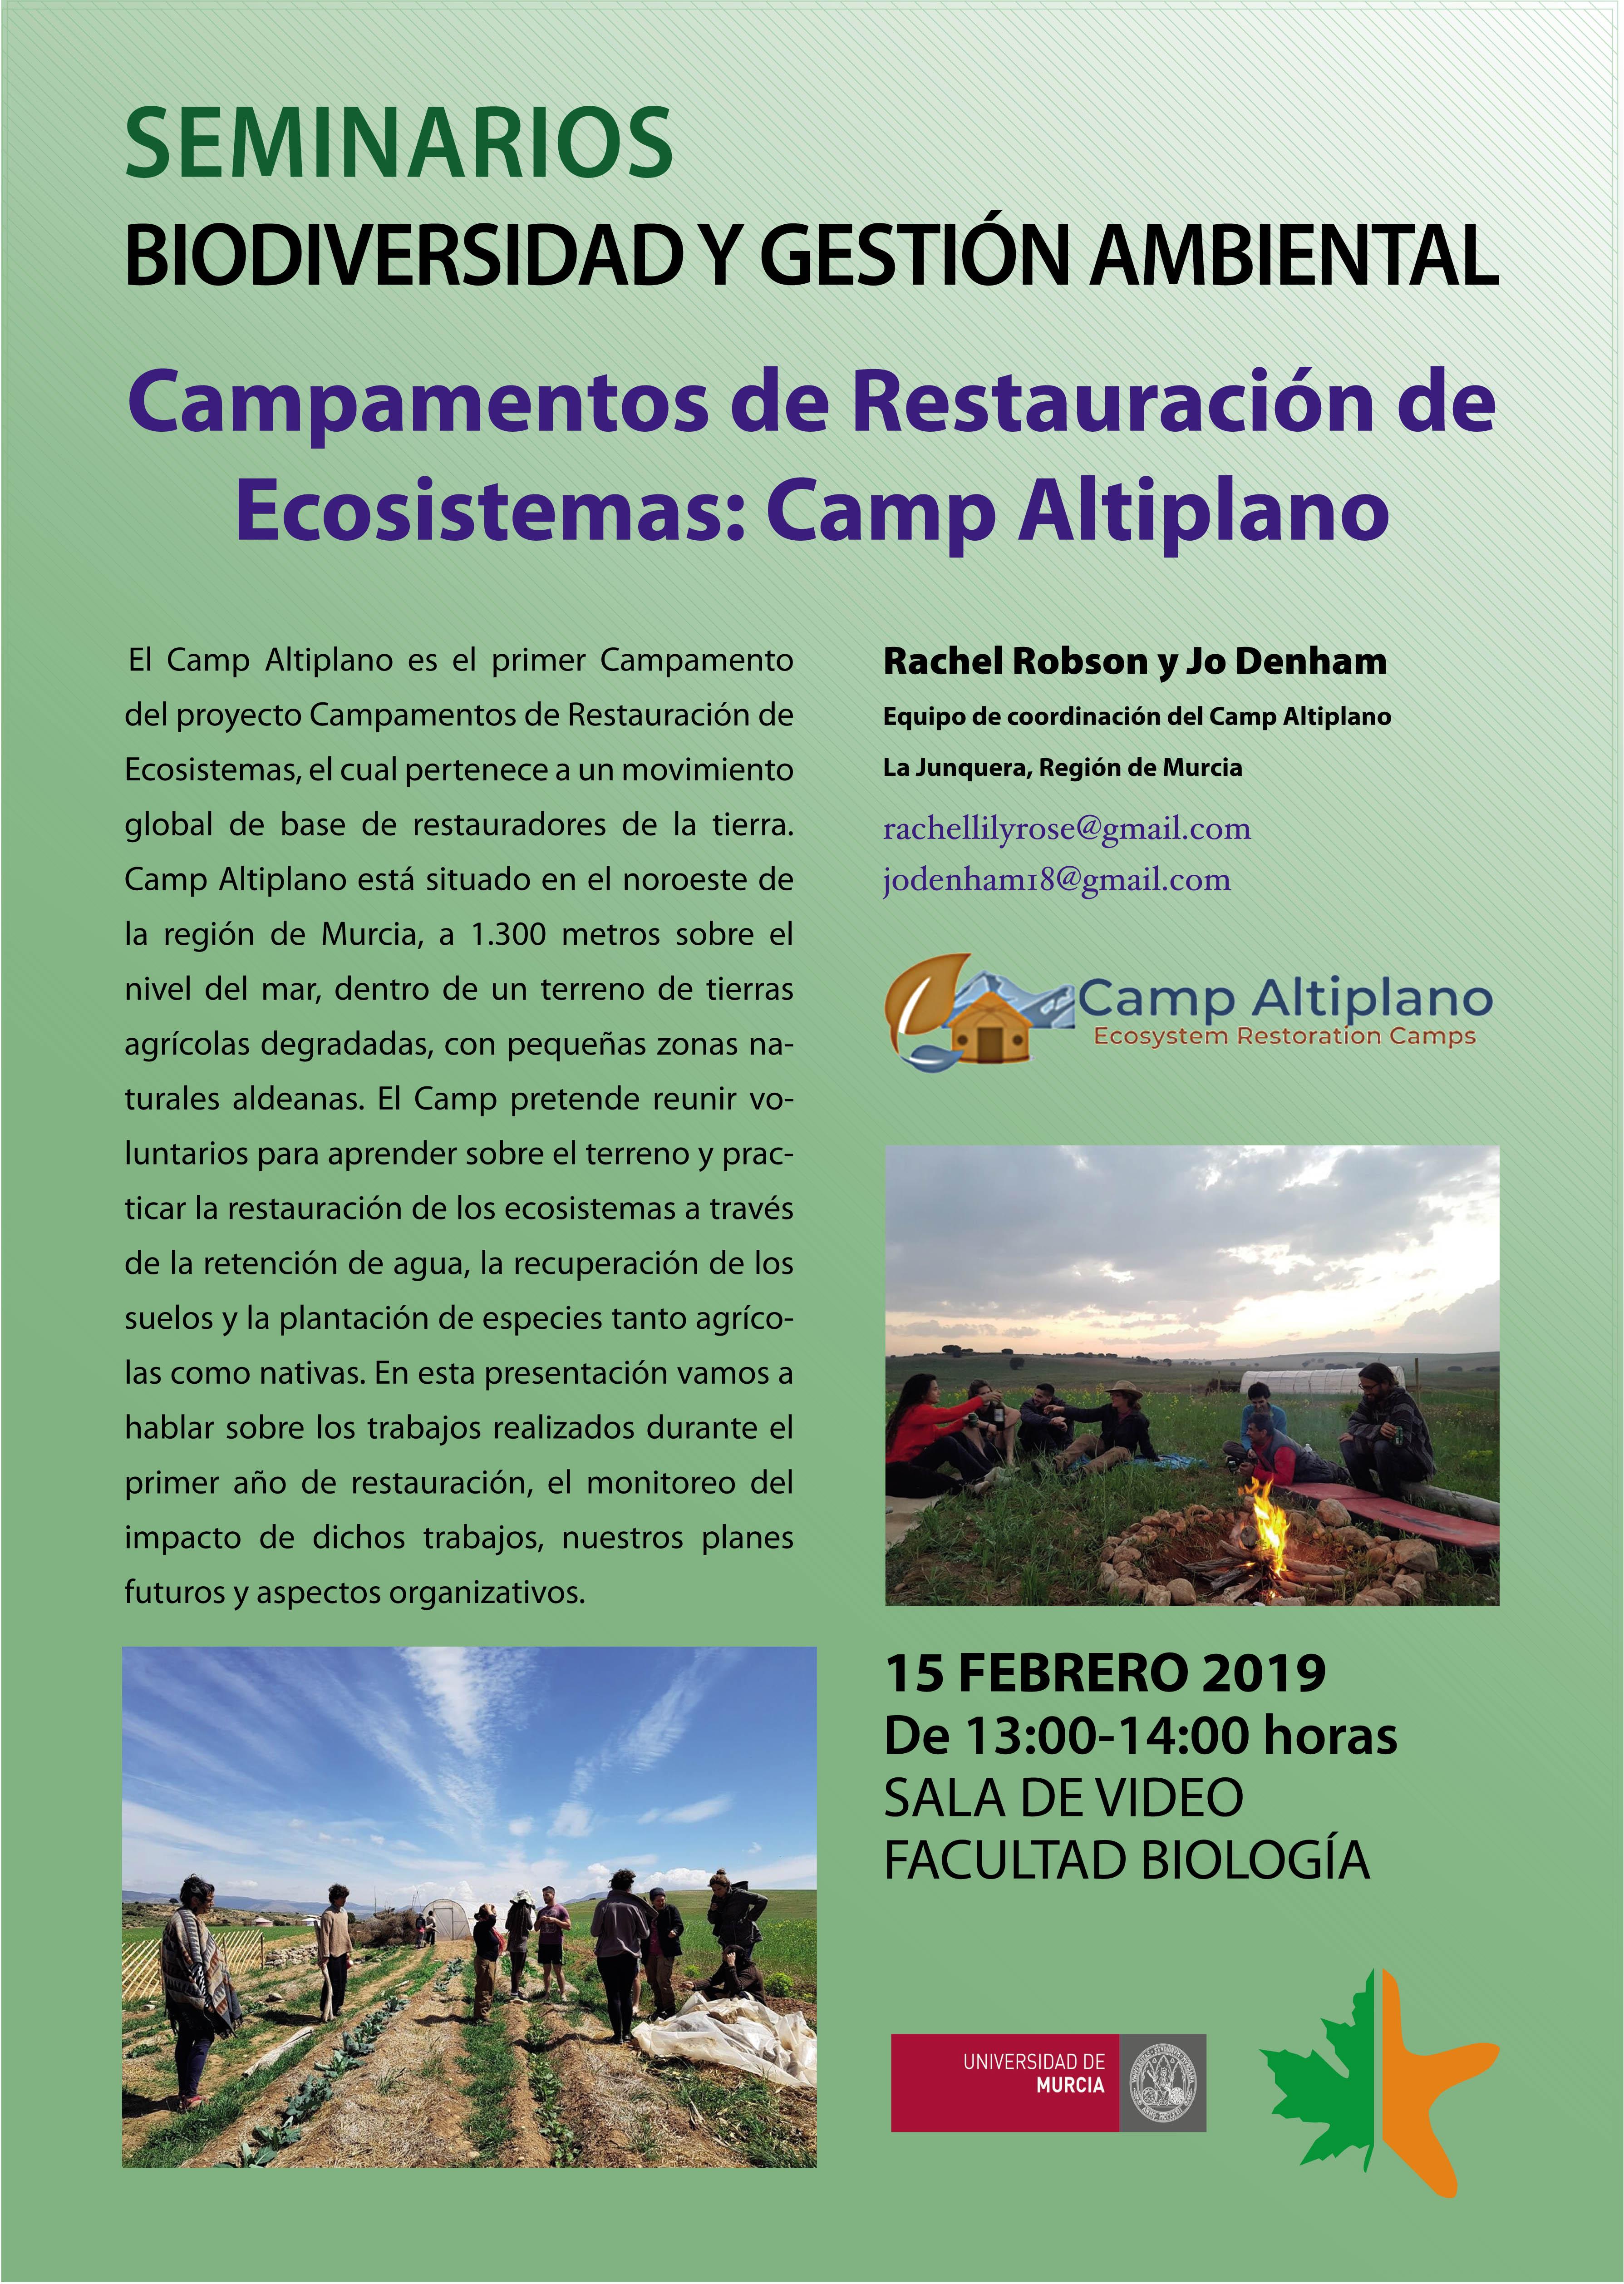 Campamentos de Restauración de Ecosistemas: Camp Altiplano, con los Bioseminarios de la UMU